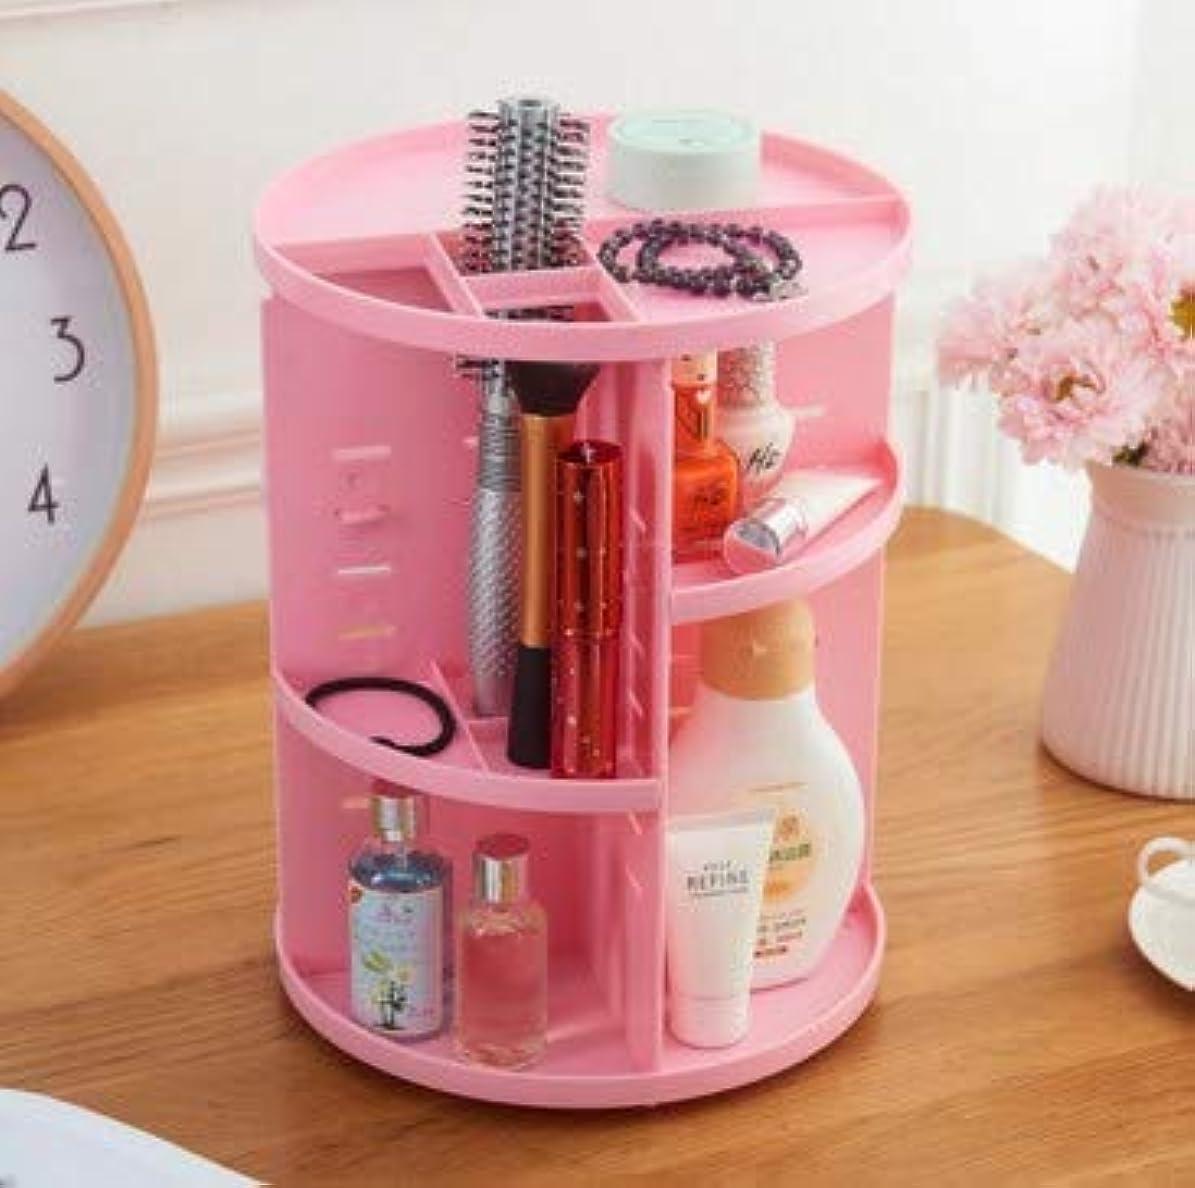 スキーオアシス精度デスクトップロータリー収納ボックス多機能プラスチックバスルーム仕上げボックス化粧品収納ボックス (Color : ピンク)